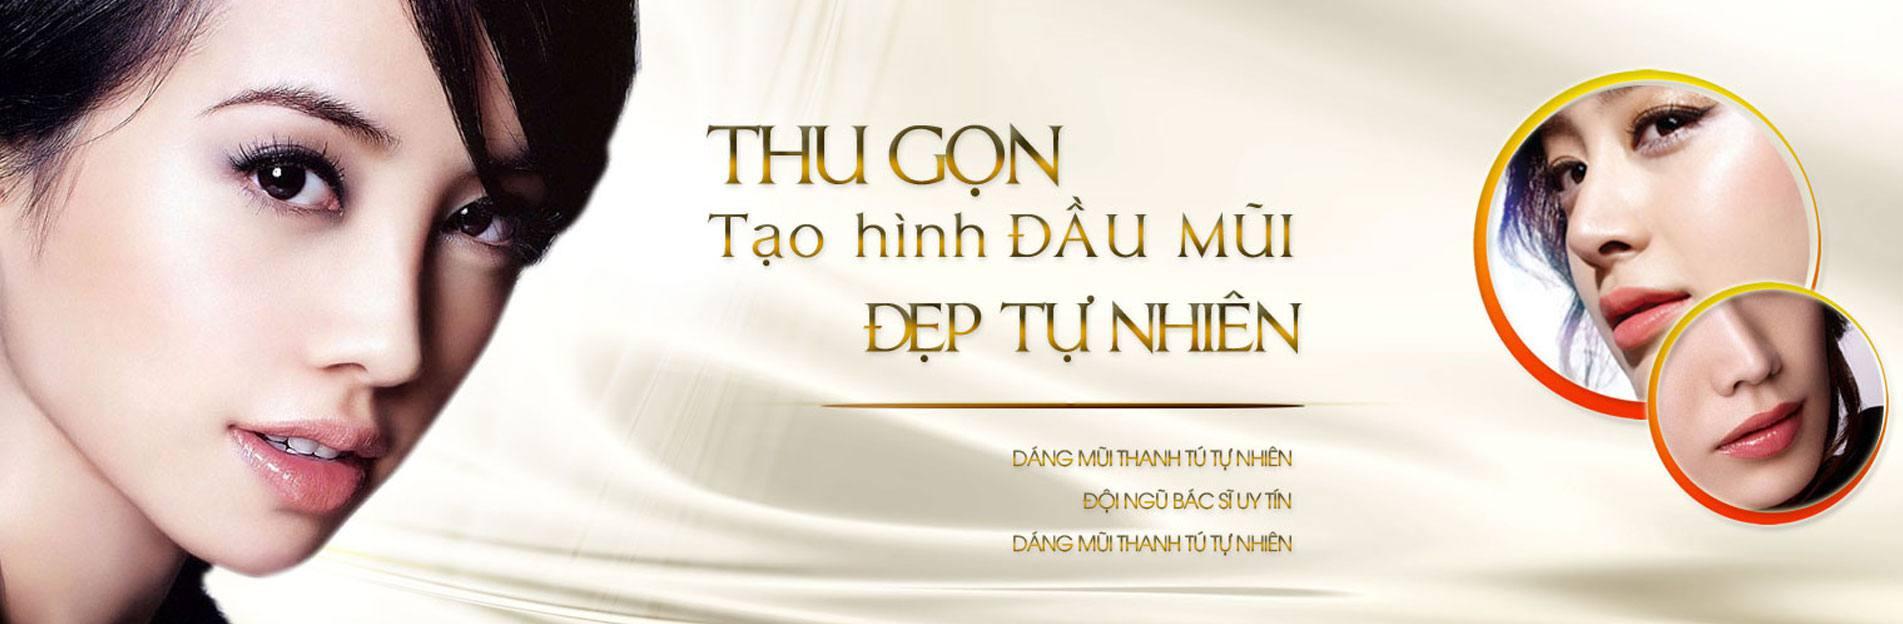 1903x624_-thu-gon-dau-mui_01